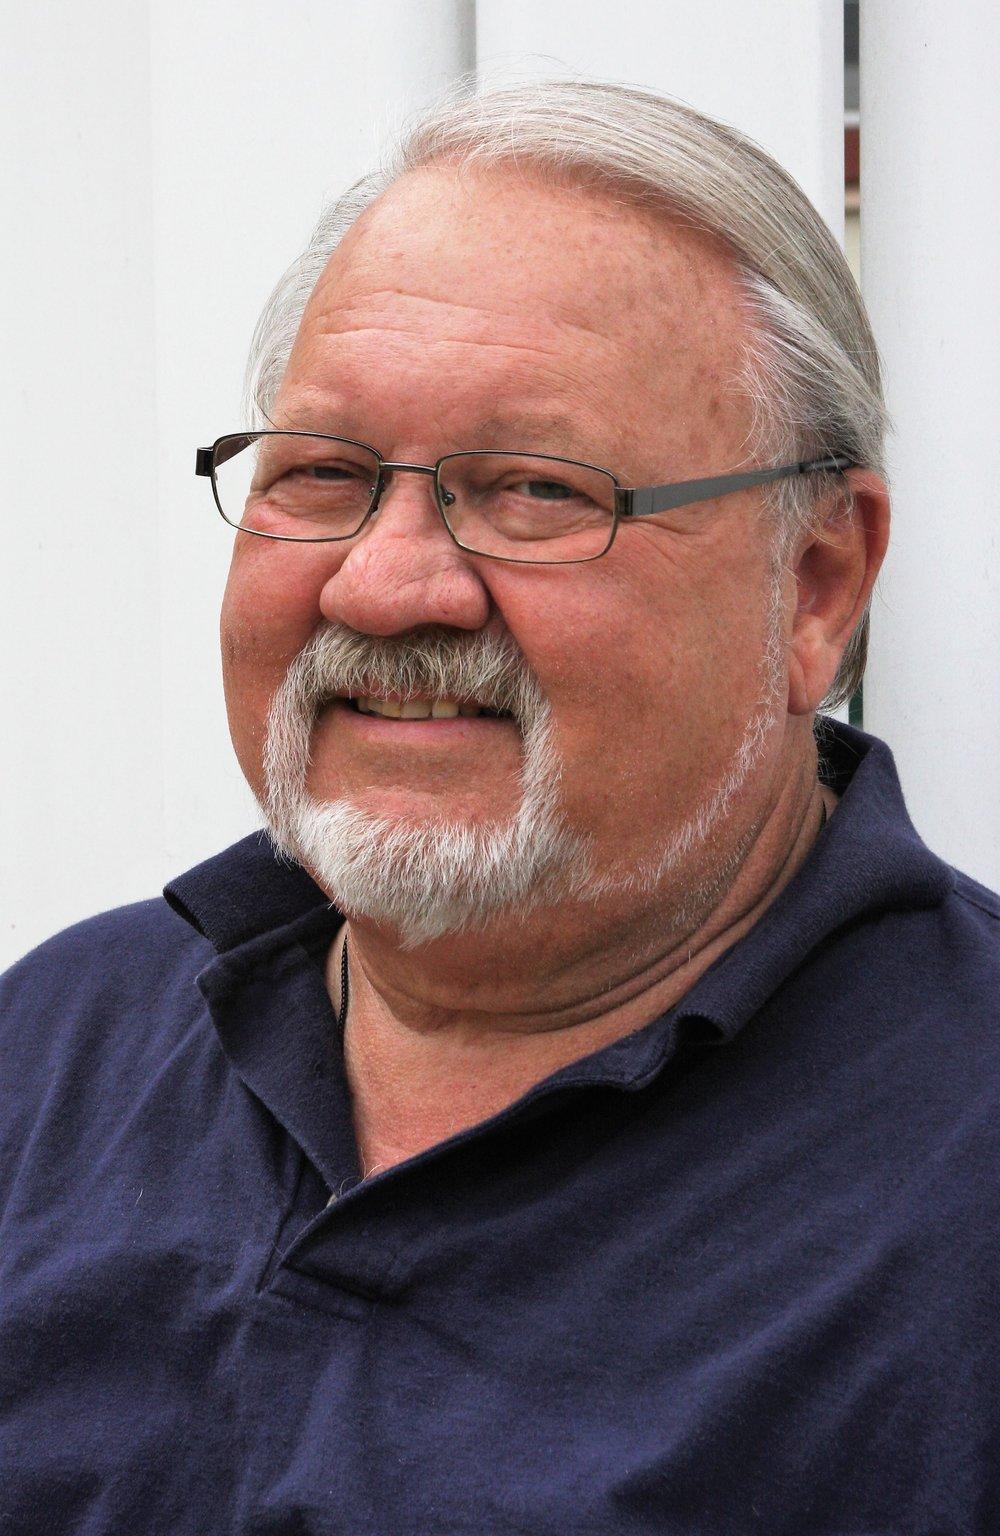 Pastor Gary Schippling